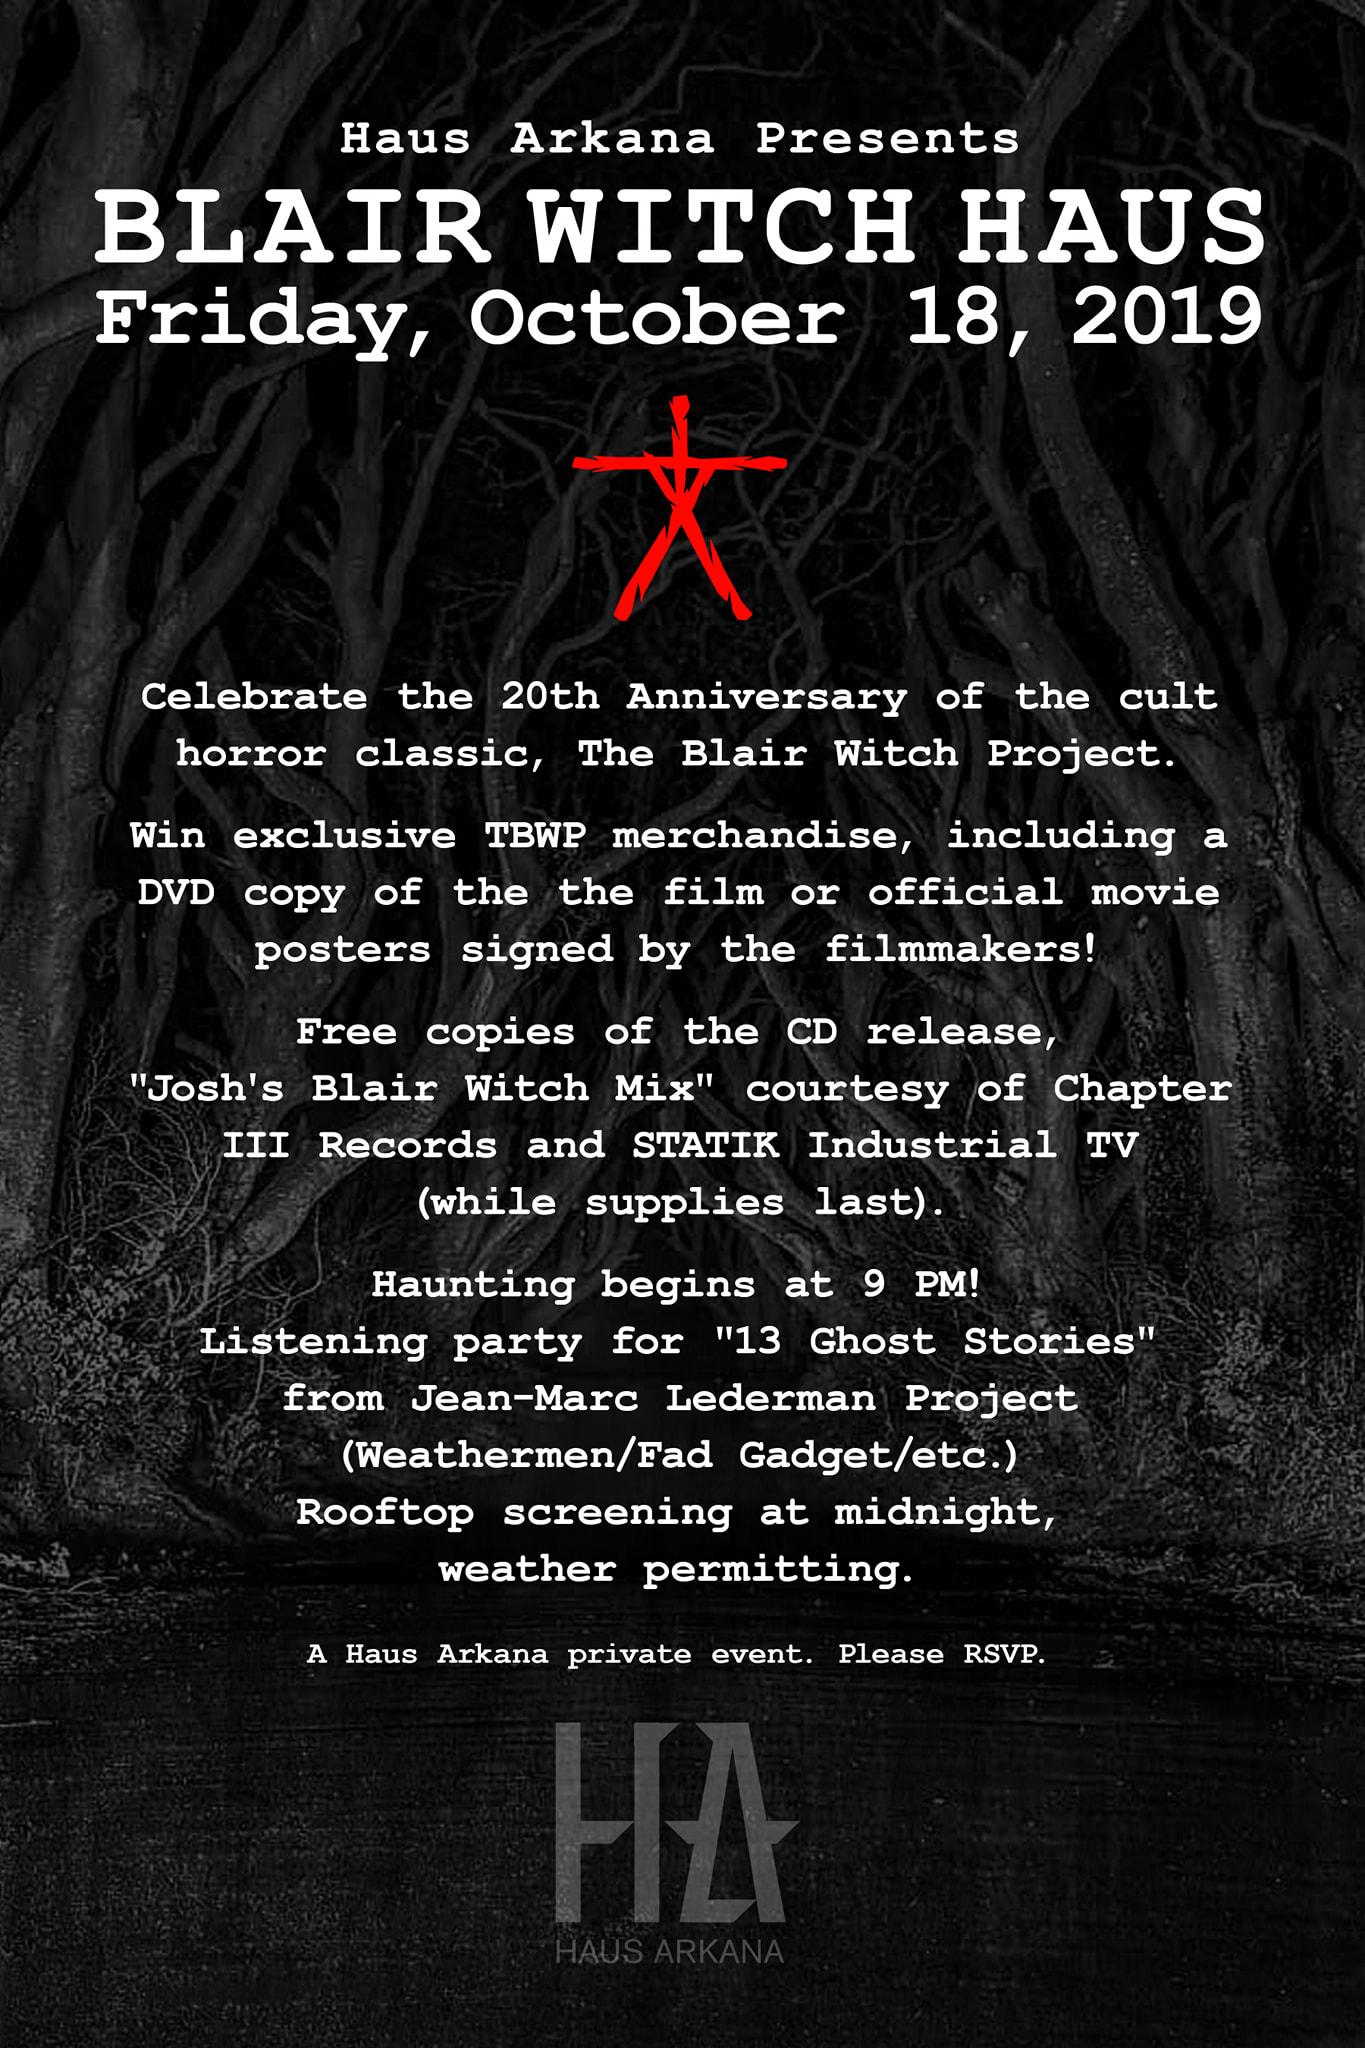 Blair Witch Haus Flyer.jpg